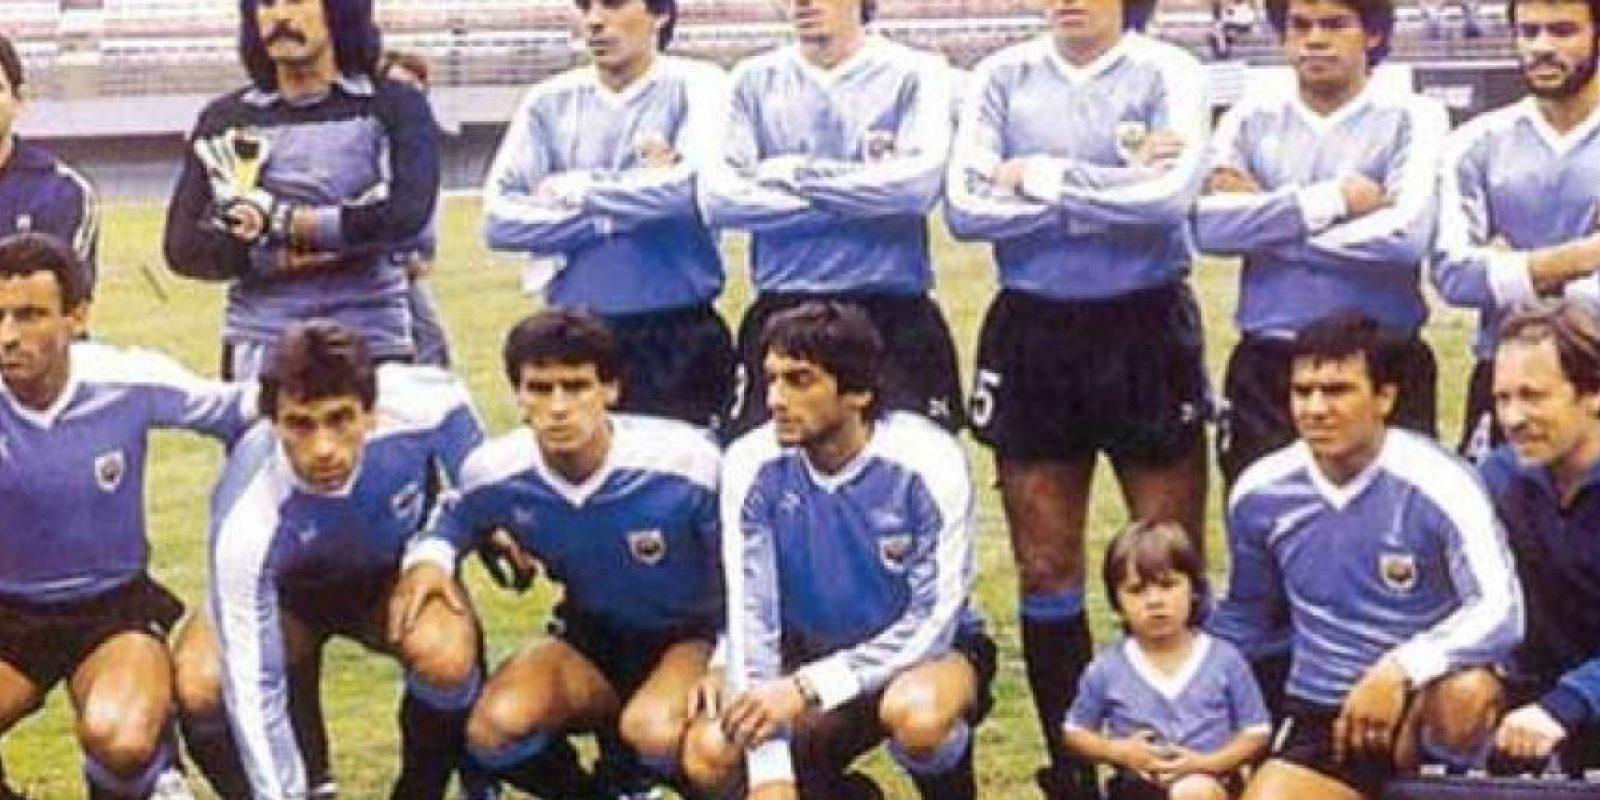 En 1987, Uruguay venció a Argentina 1-0 en semifinales de su torneo. Foto:centenario2030.com